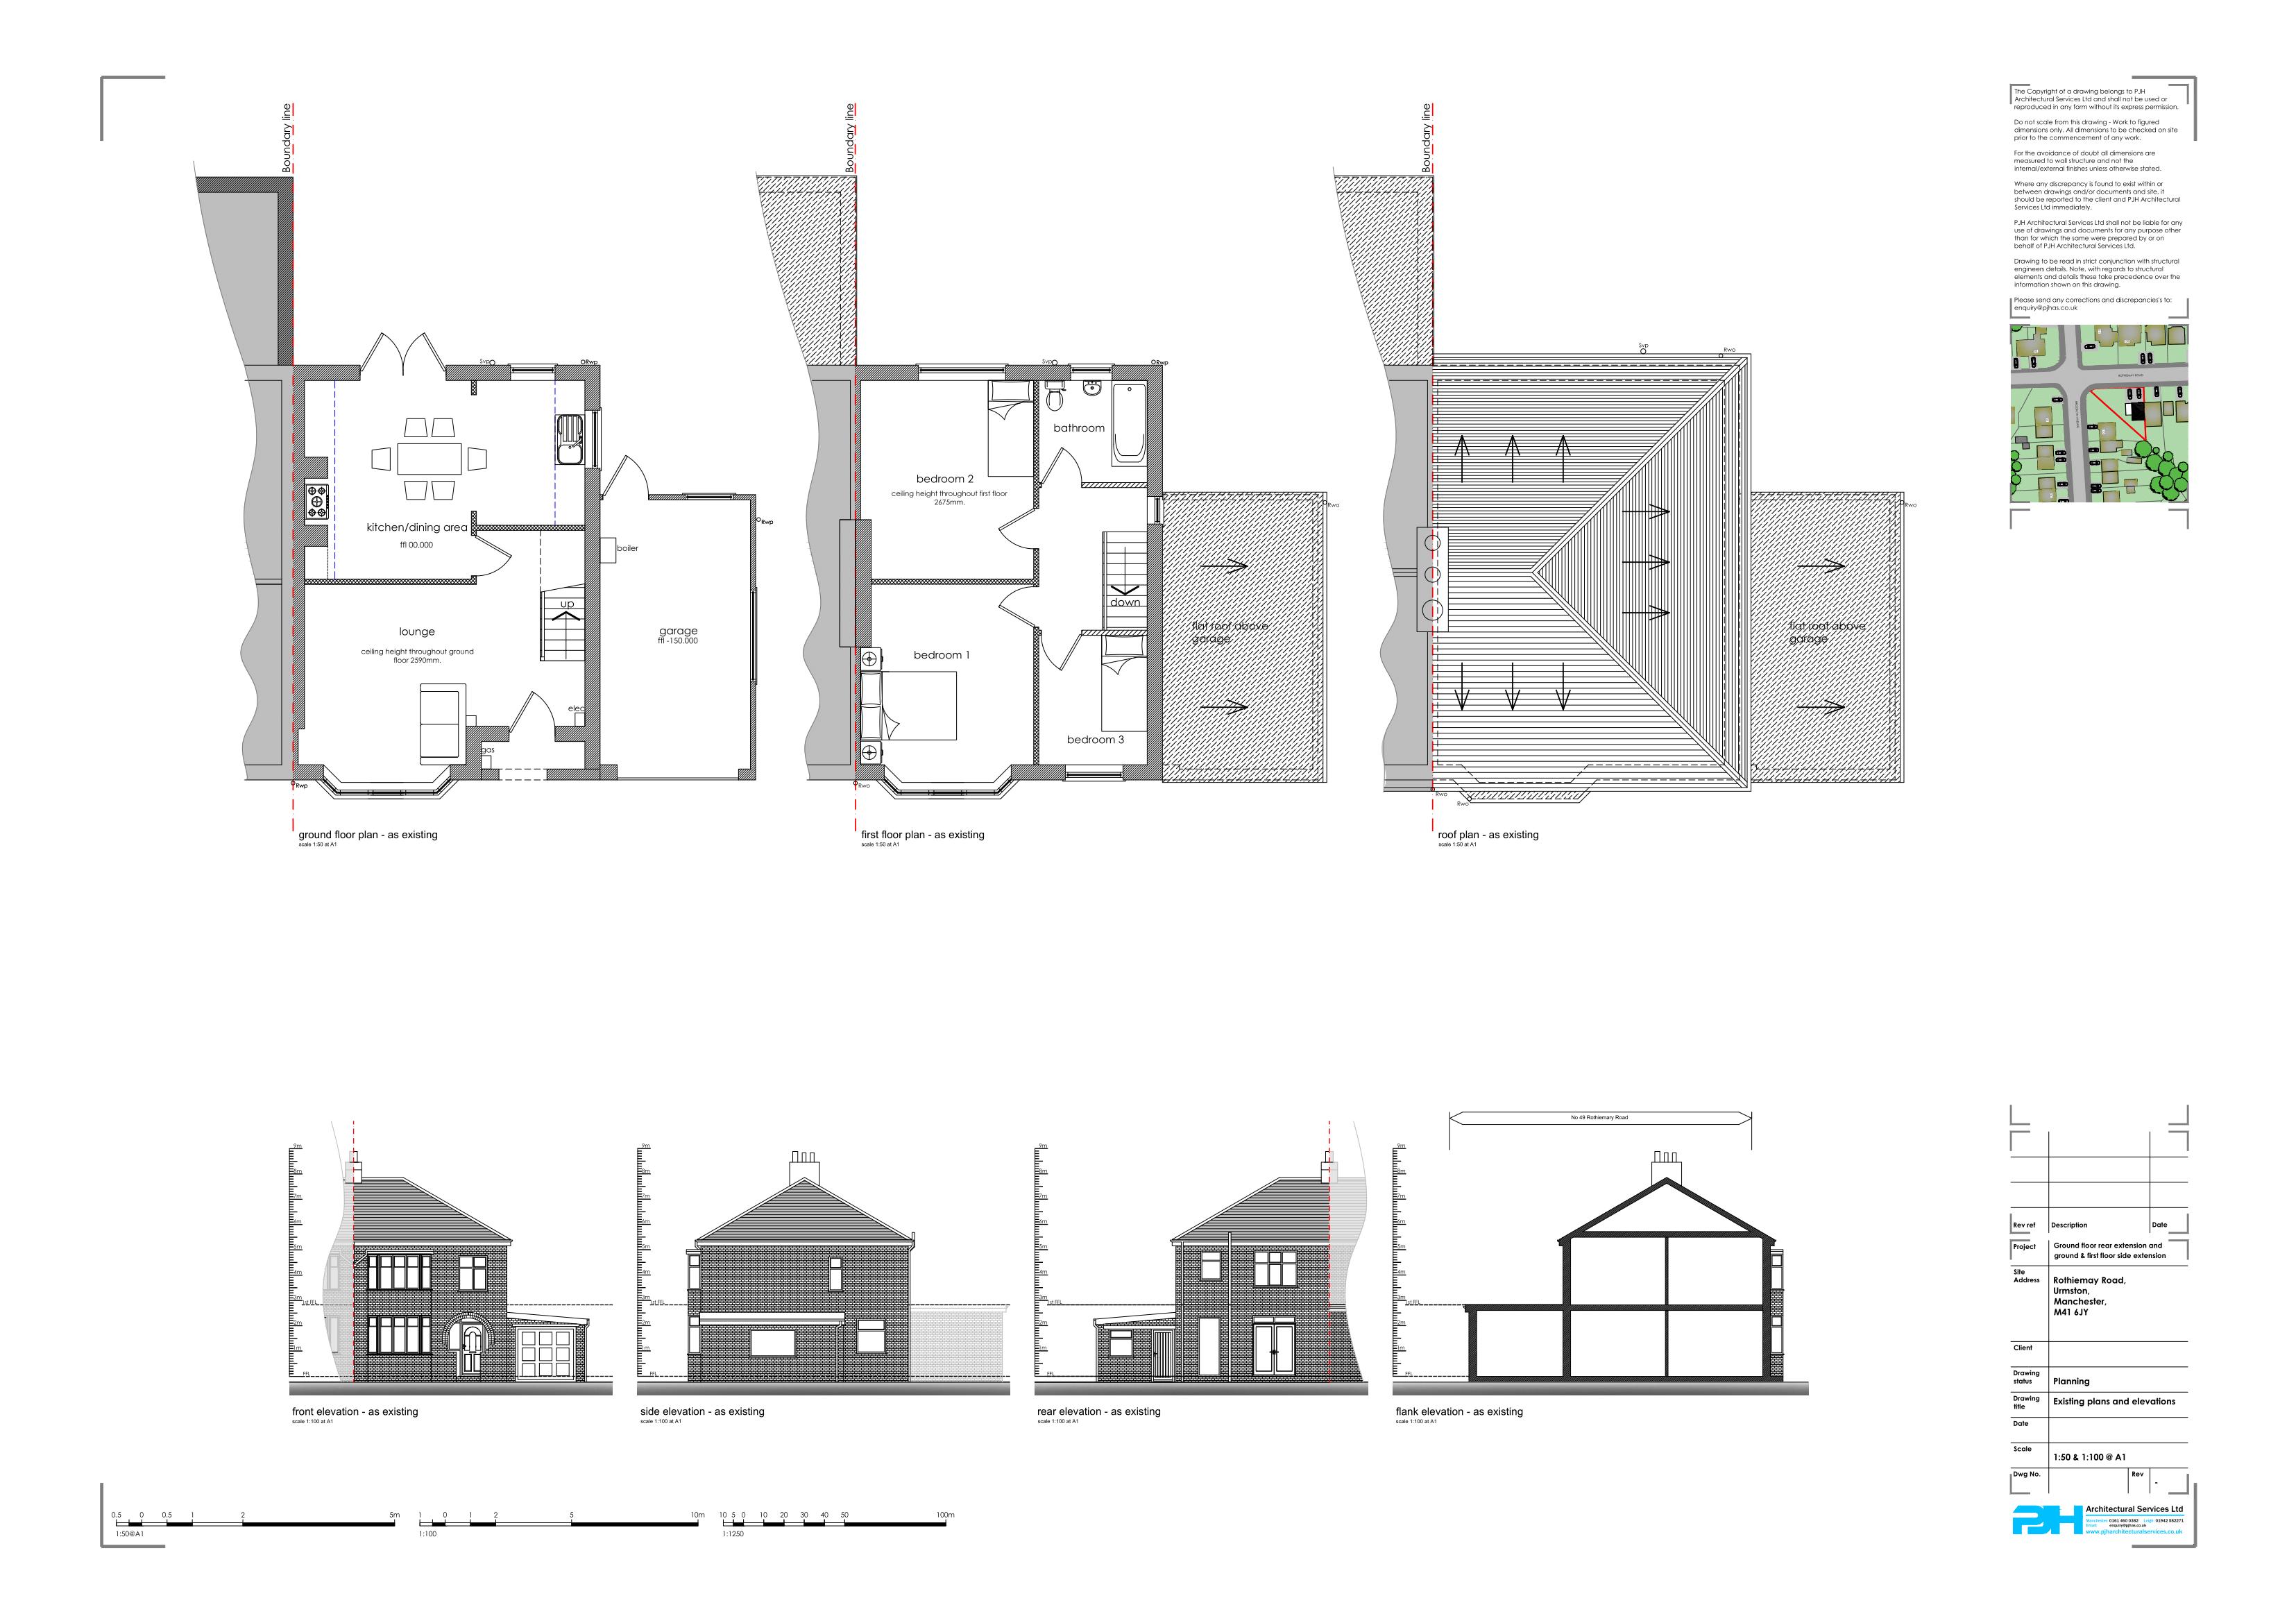 architectural plans flixton